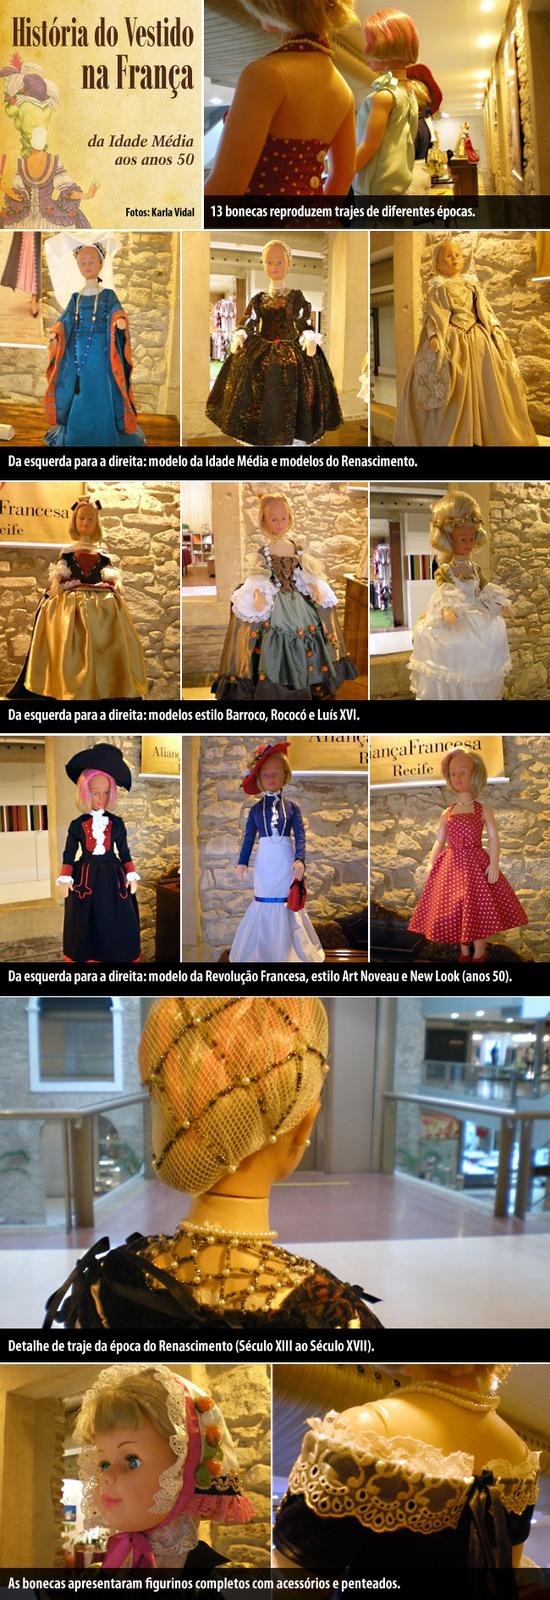 Visitamos hoje a exposição História do Vestido na França: da Idade Média aos anos 50 que exibe, desde o último dia 16, reproduções de modelos de roupas, calçados, penteados e acessórios de diferentes épocas da História Francesa.